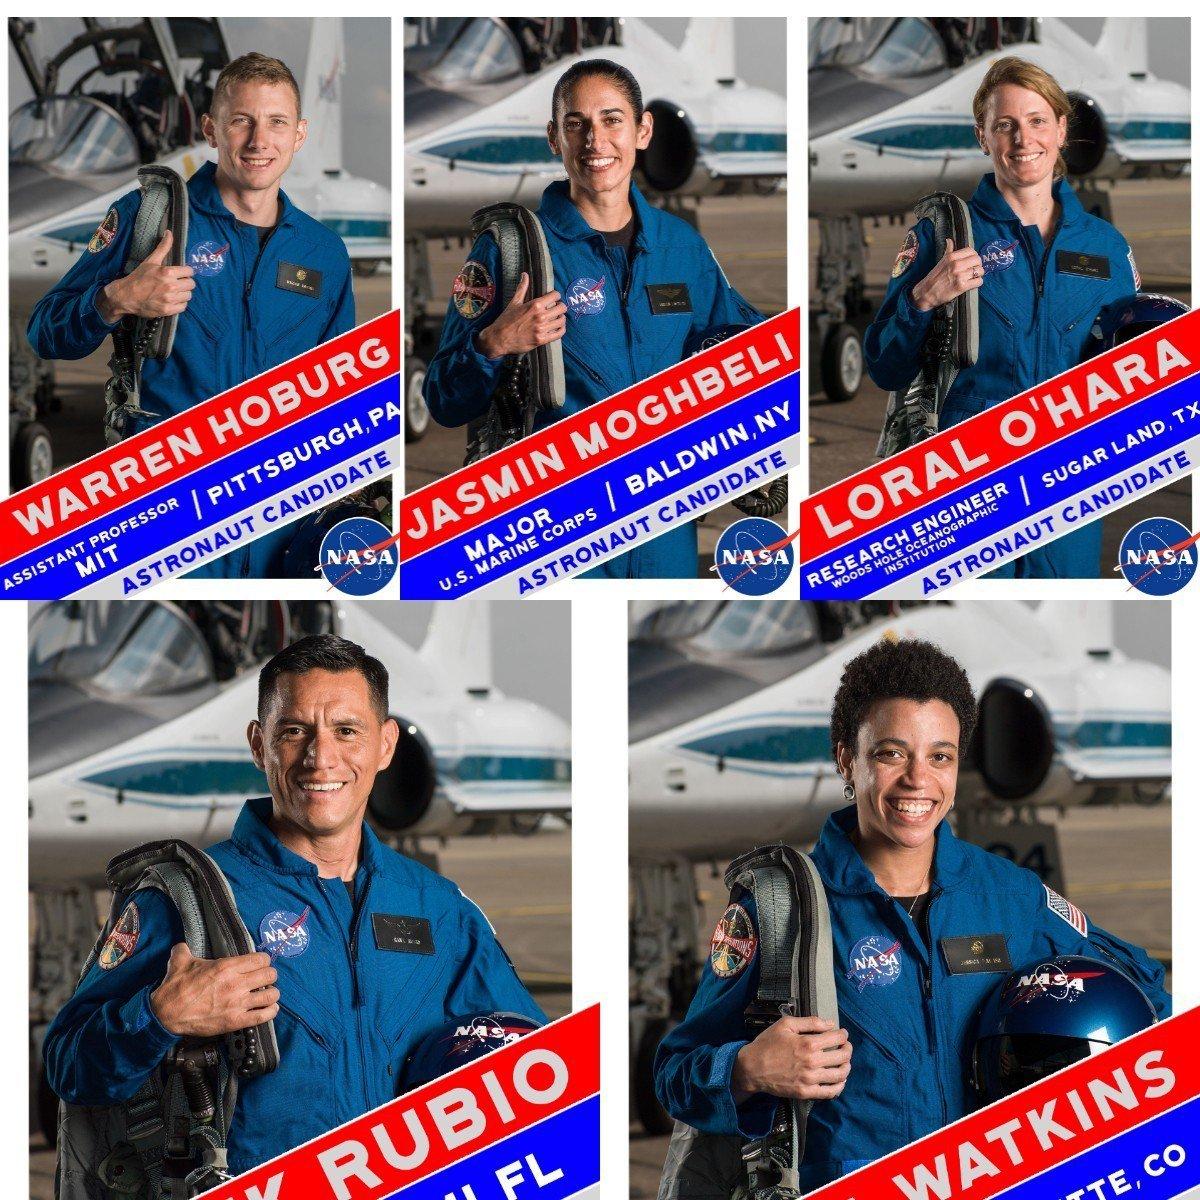 由左上到右上、左下右下分別是沃倫、傑斯米、蘿拉、法蘭克、潔西卡。圖擷自/NASA